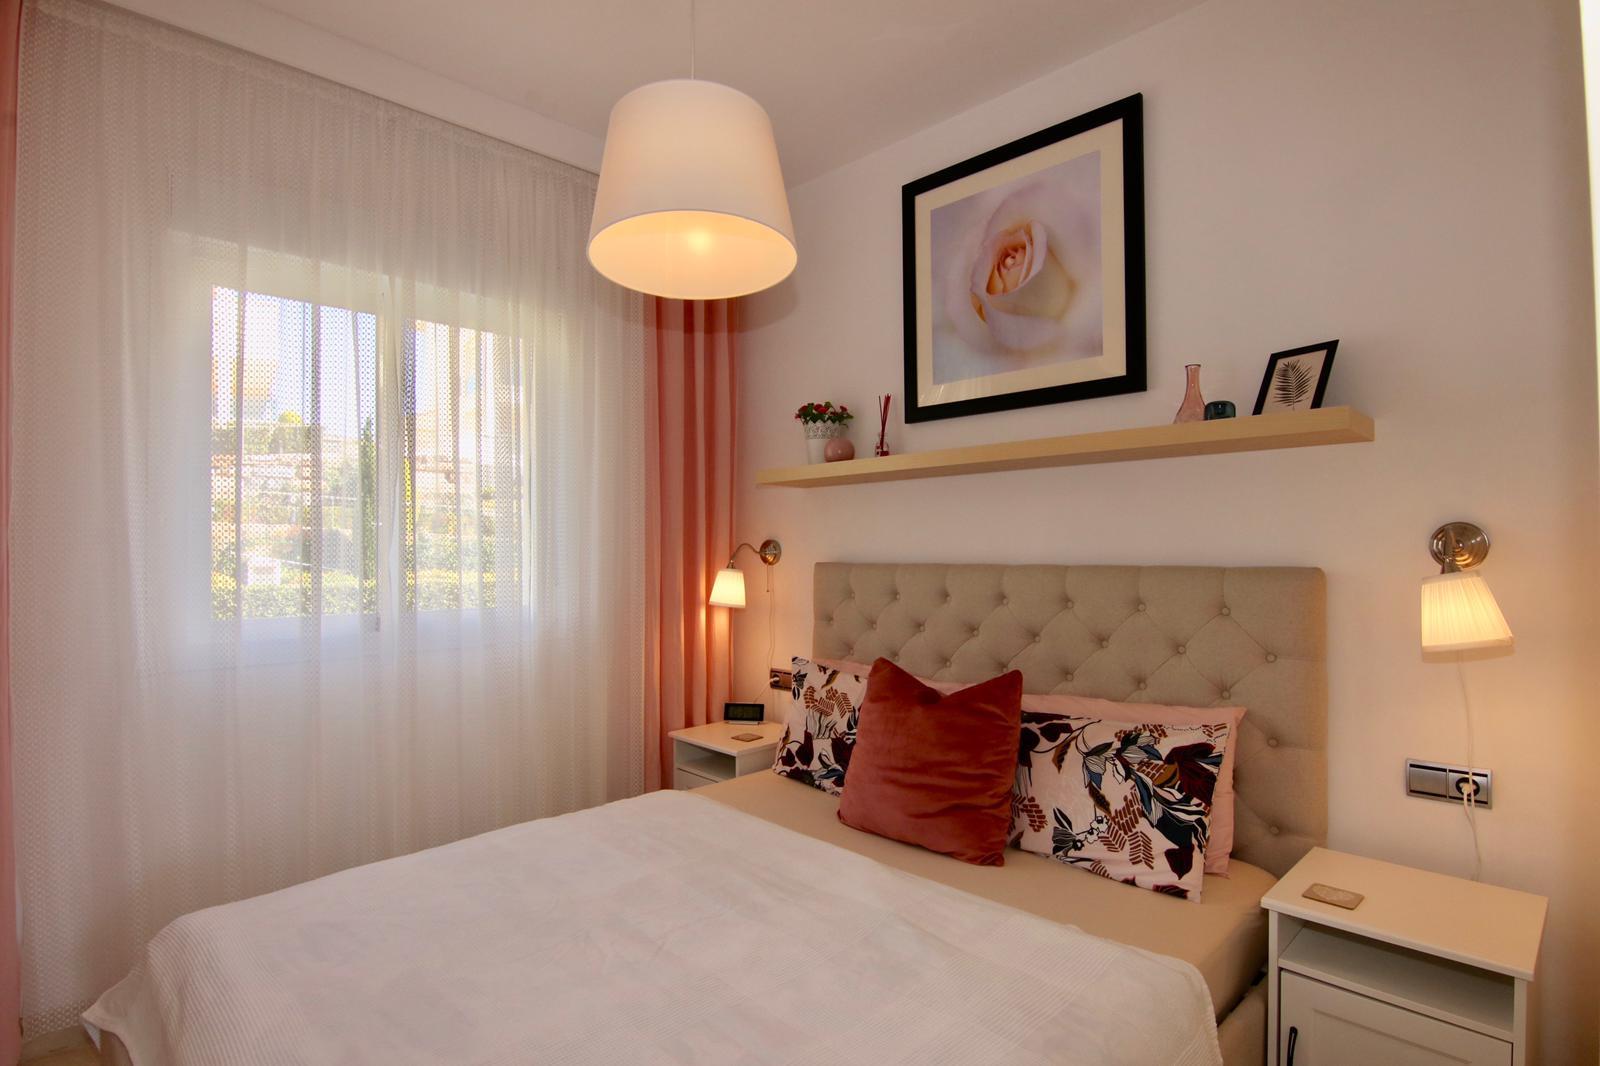 foto ložnice s čalouněnou postelí a obrazem na stěně